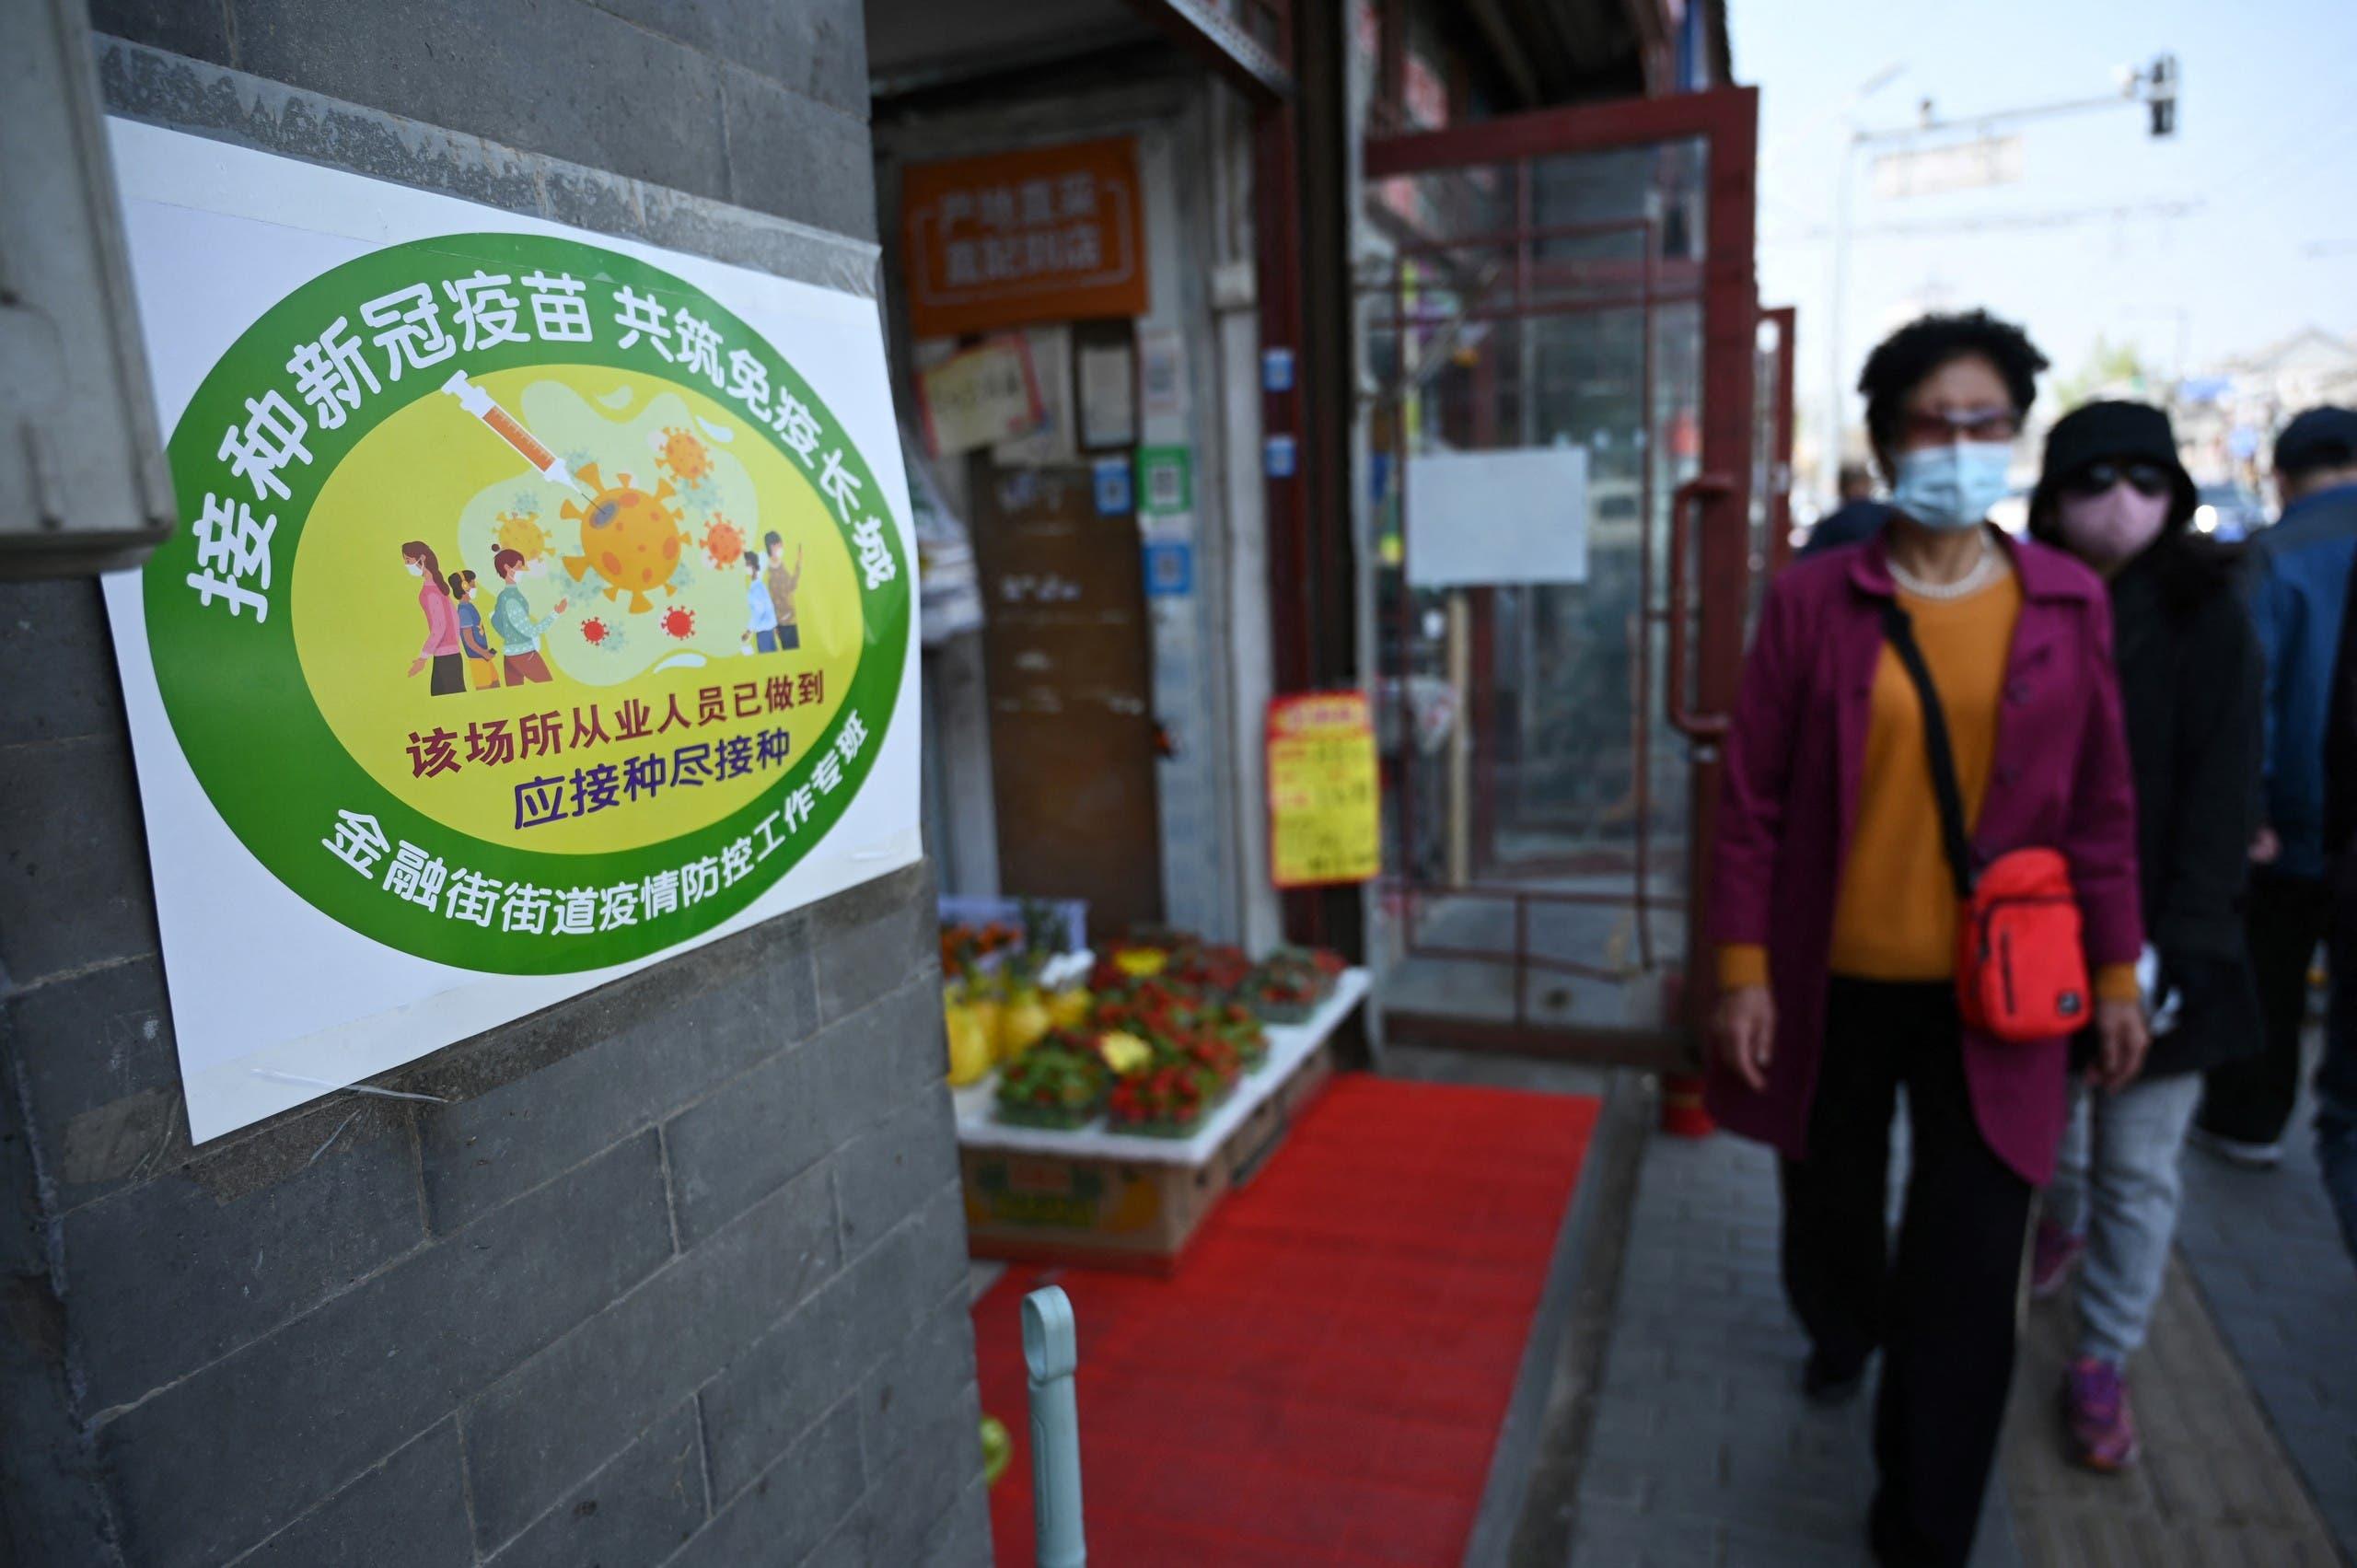 علامة خضراء على باب متجر خضار في بكين تشير إلى أن معظم العاملين فيه تلقوا اللقاح